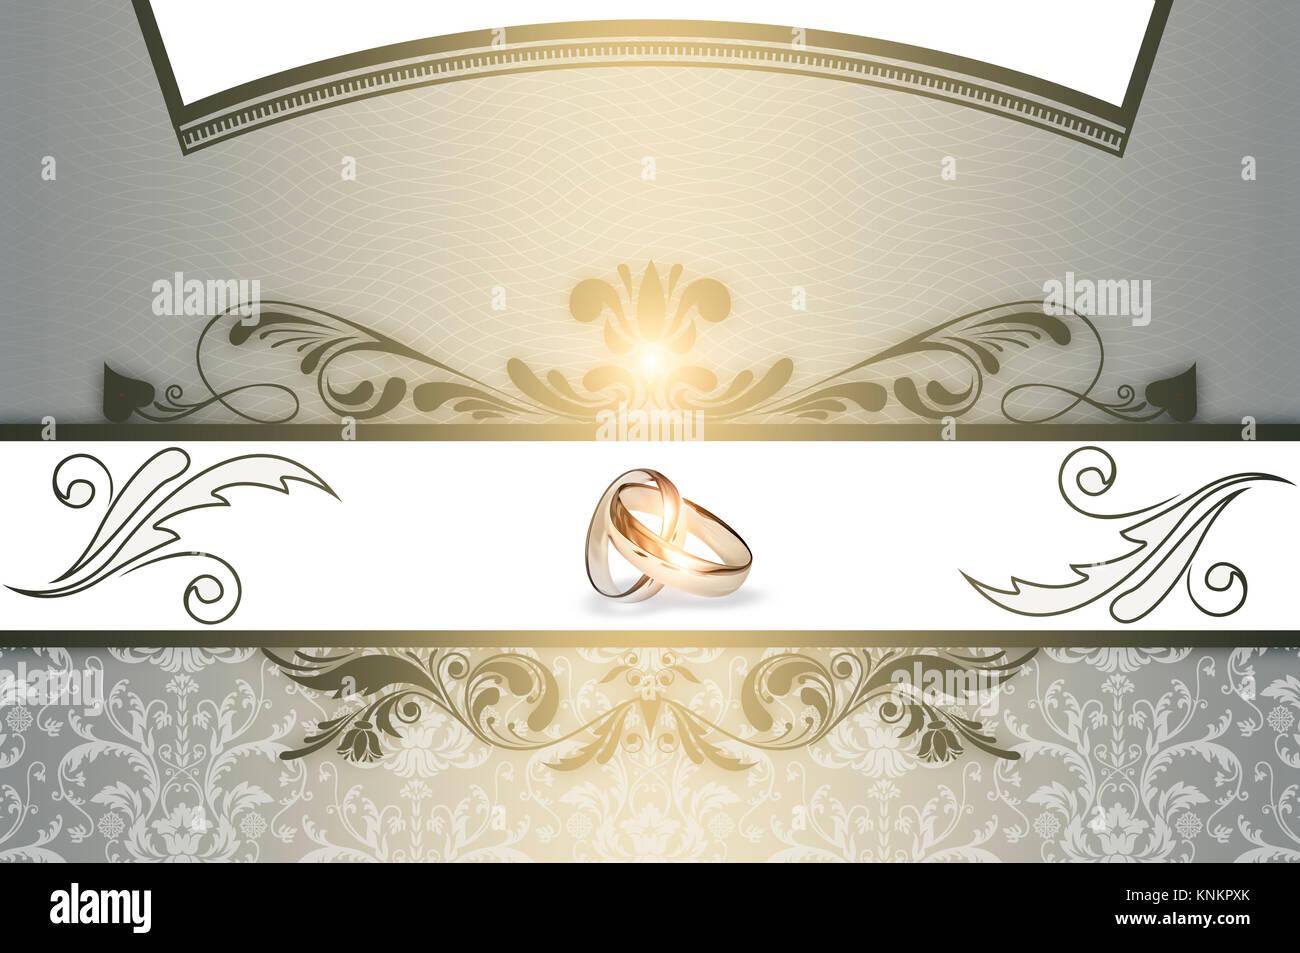 Fondo Decorativo Con Elegantes Diseños Florales,los